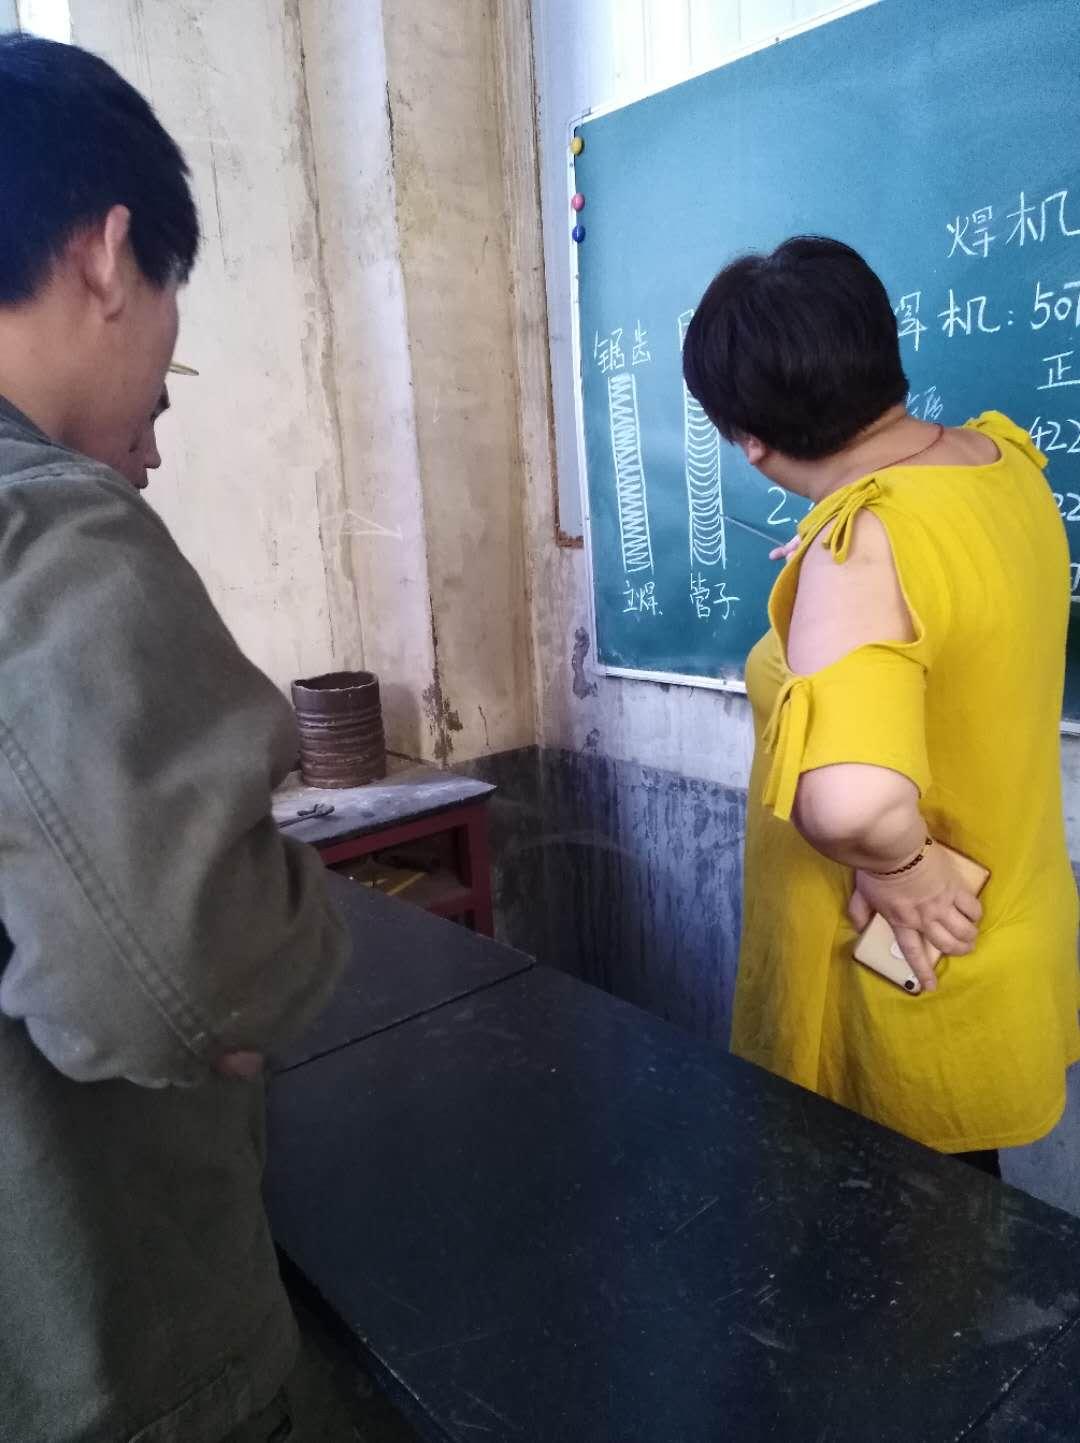 孙老师为学员讲理论课